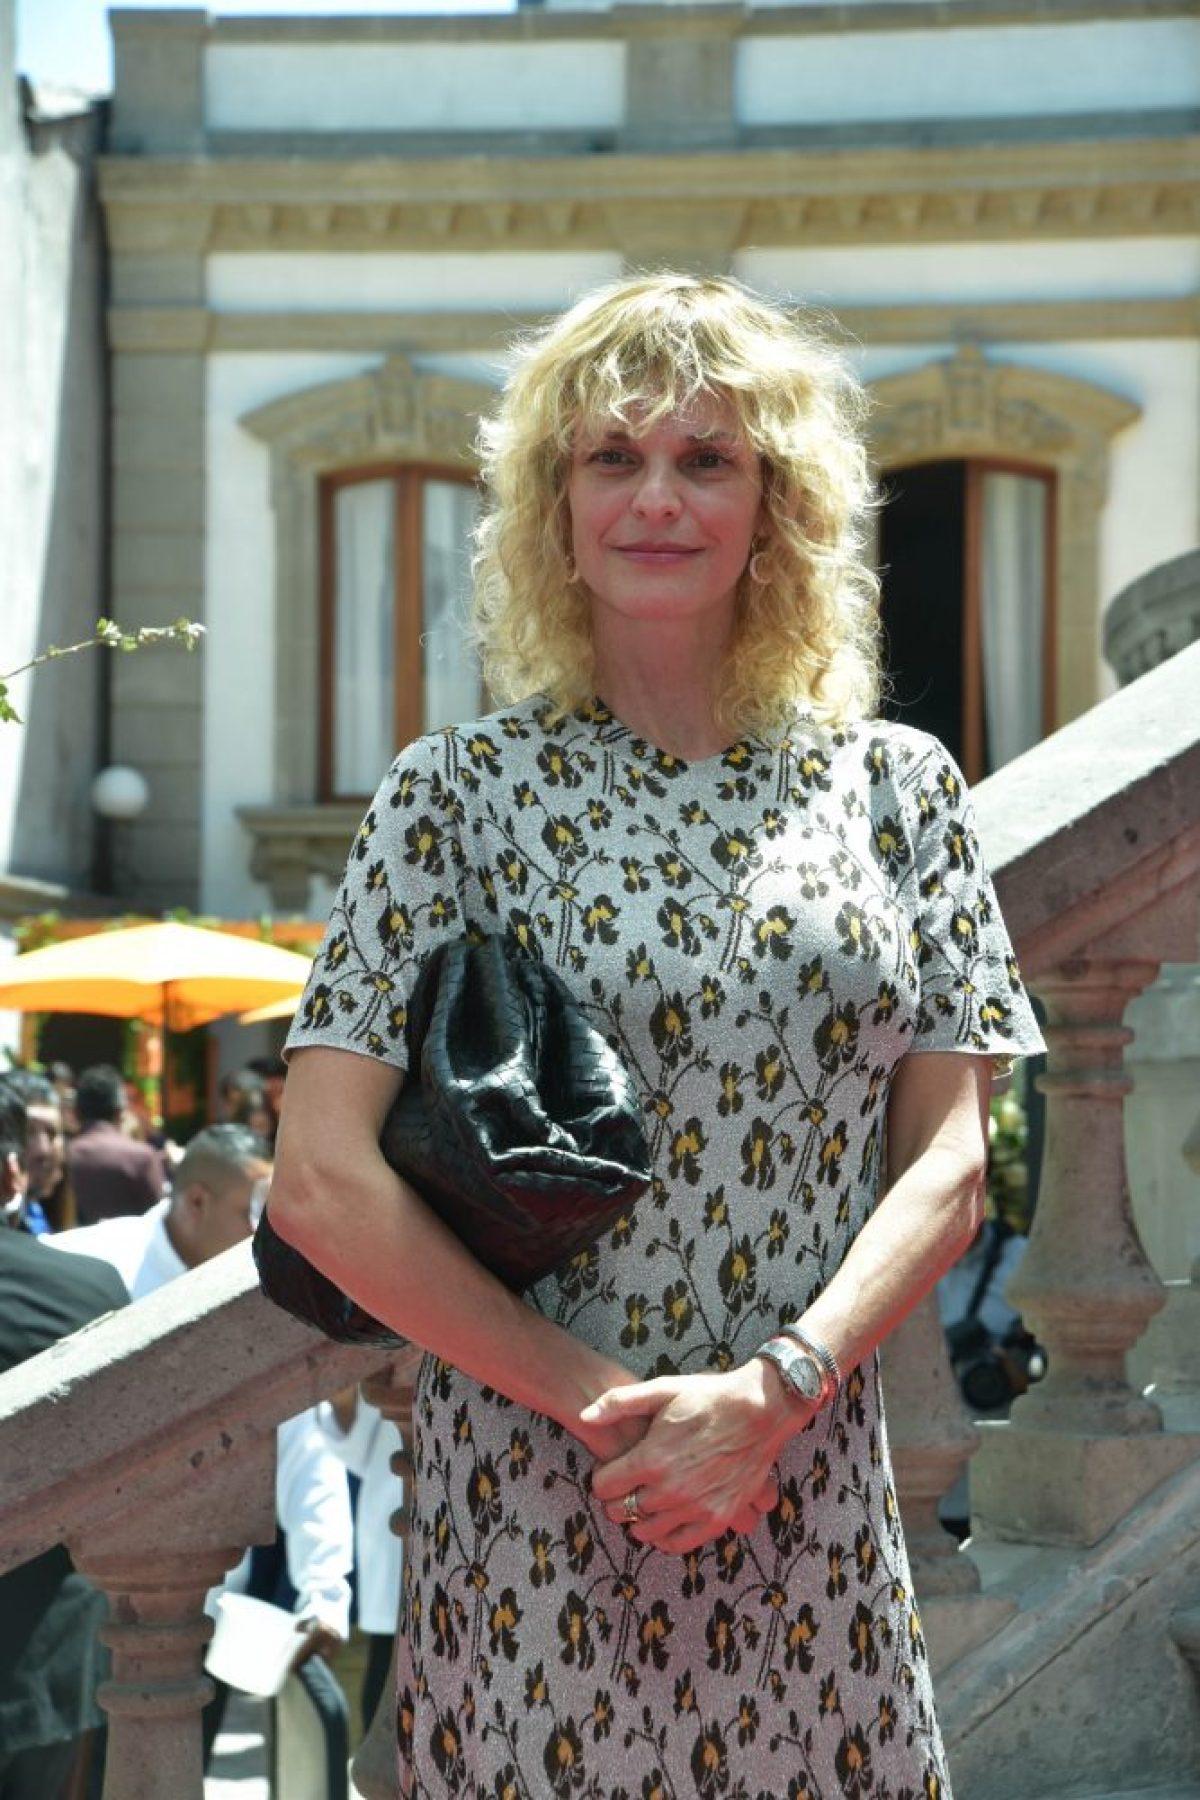 Sharon Drijasnki